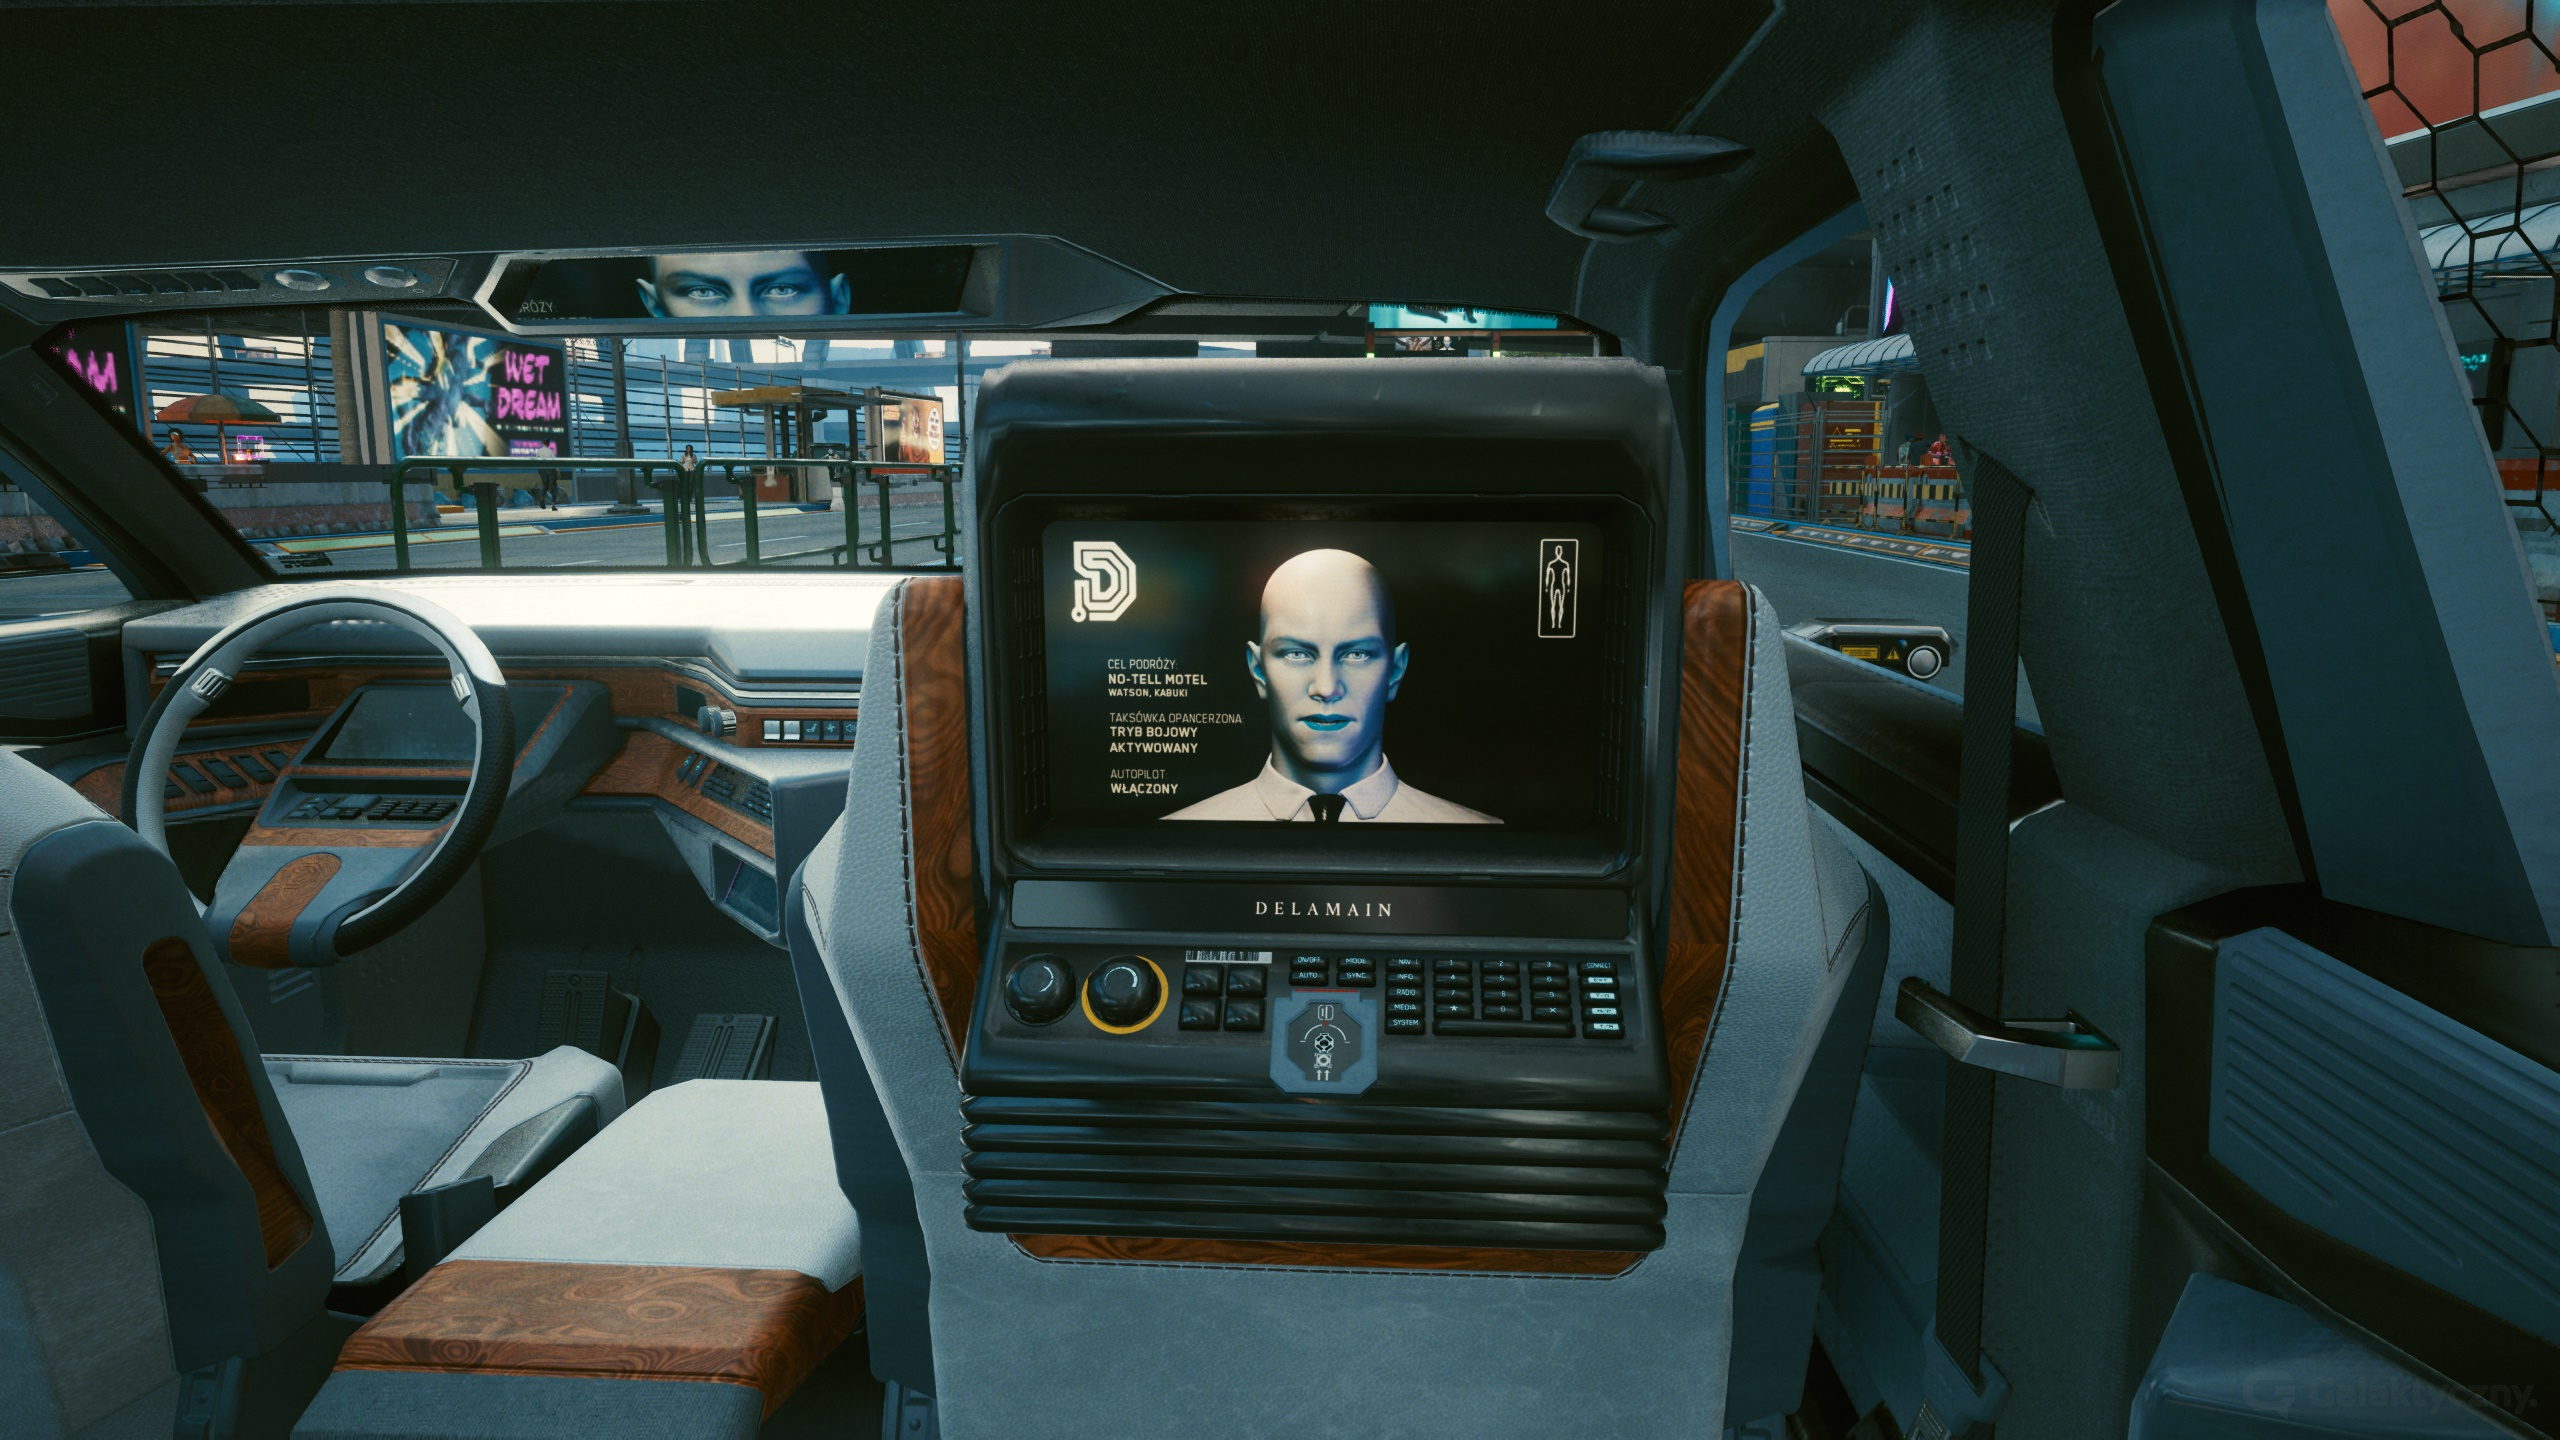 Taksówka Delamain - Cyberpunk 2077